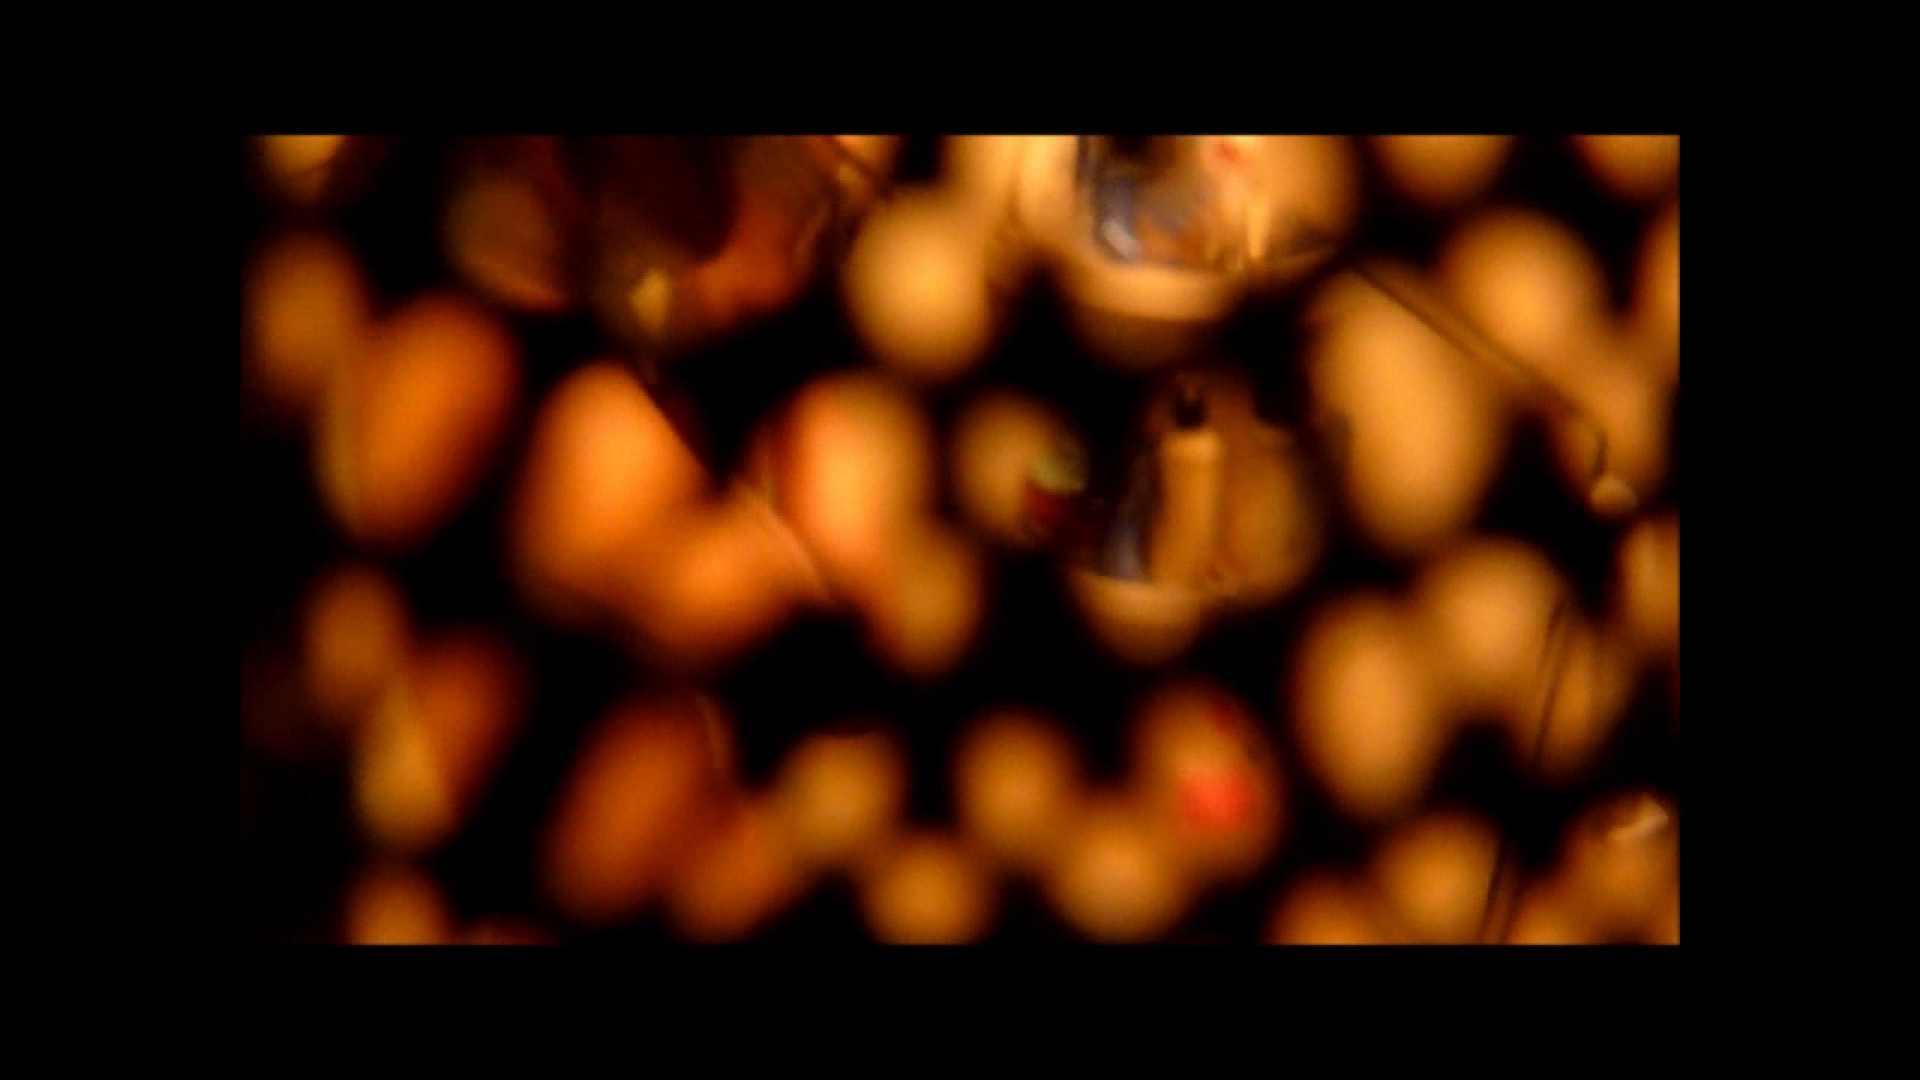 【02】ベランダに侵入して張り込みを始めて・・・やっと結果が出ました。 モロだしオマンコ   盗撮師作品  79pic 11